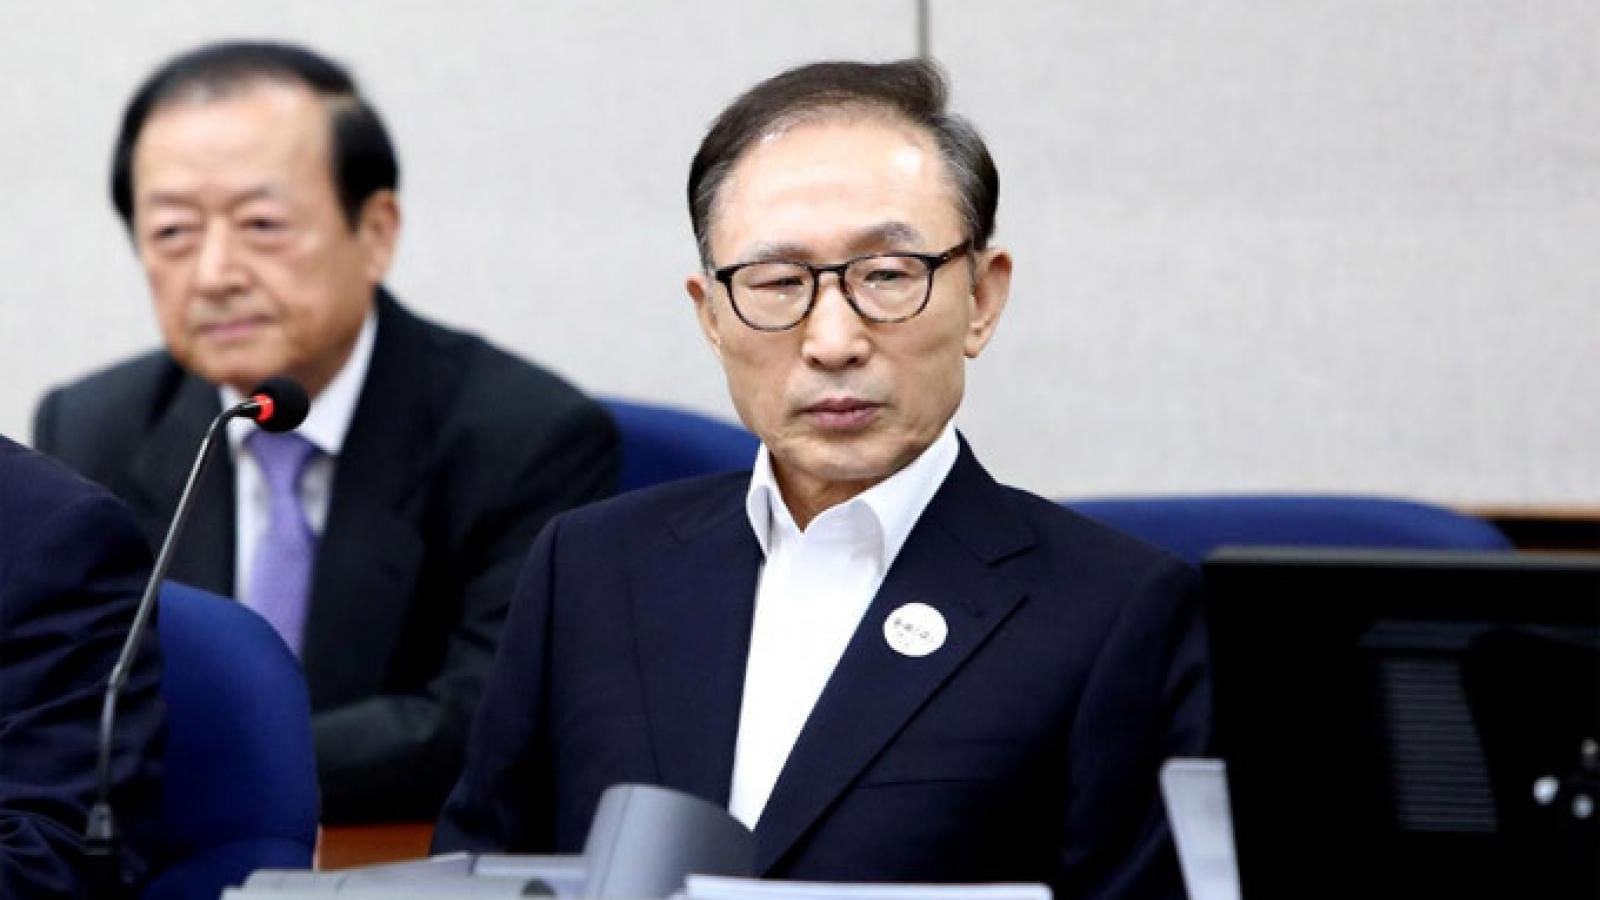 Cựu Tổng thống Hàn Quốc chấp hành phạt tù 17 năm